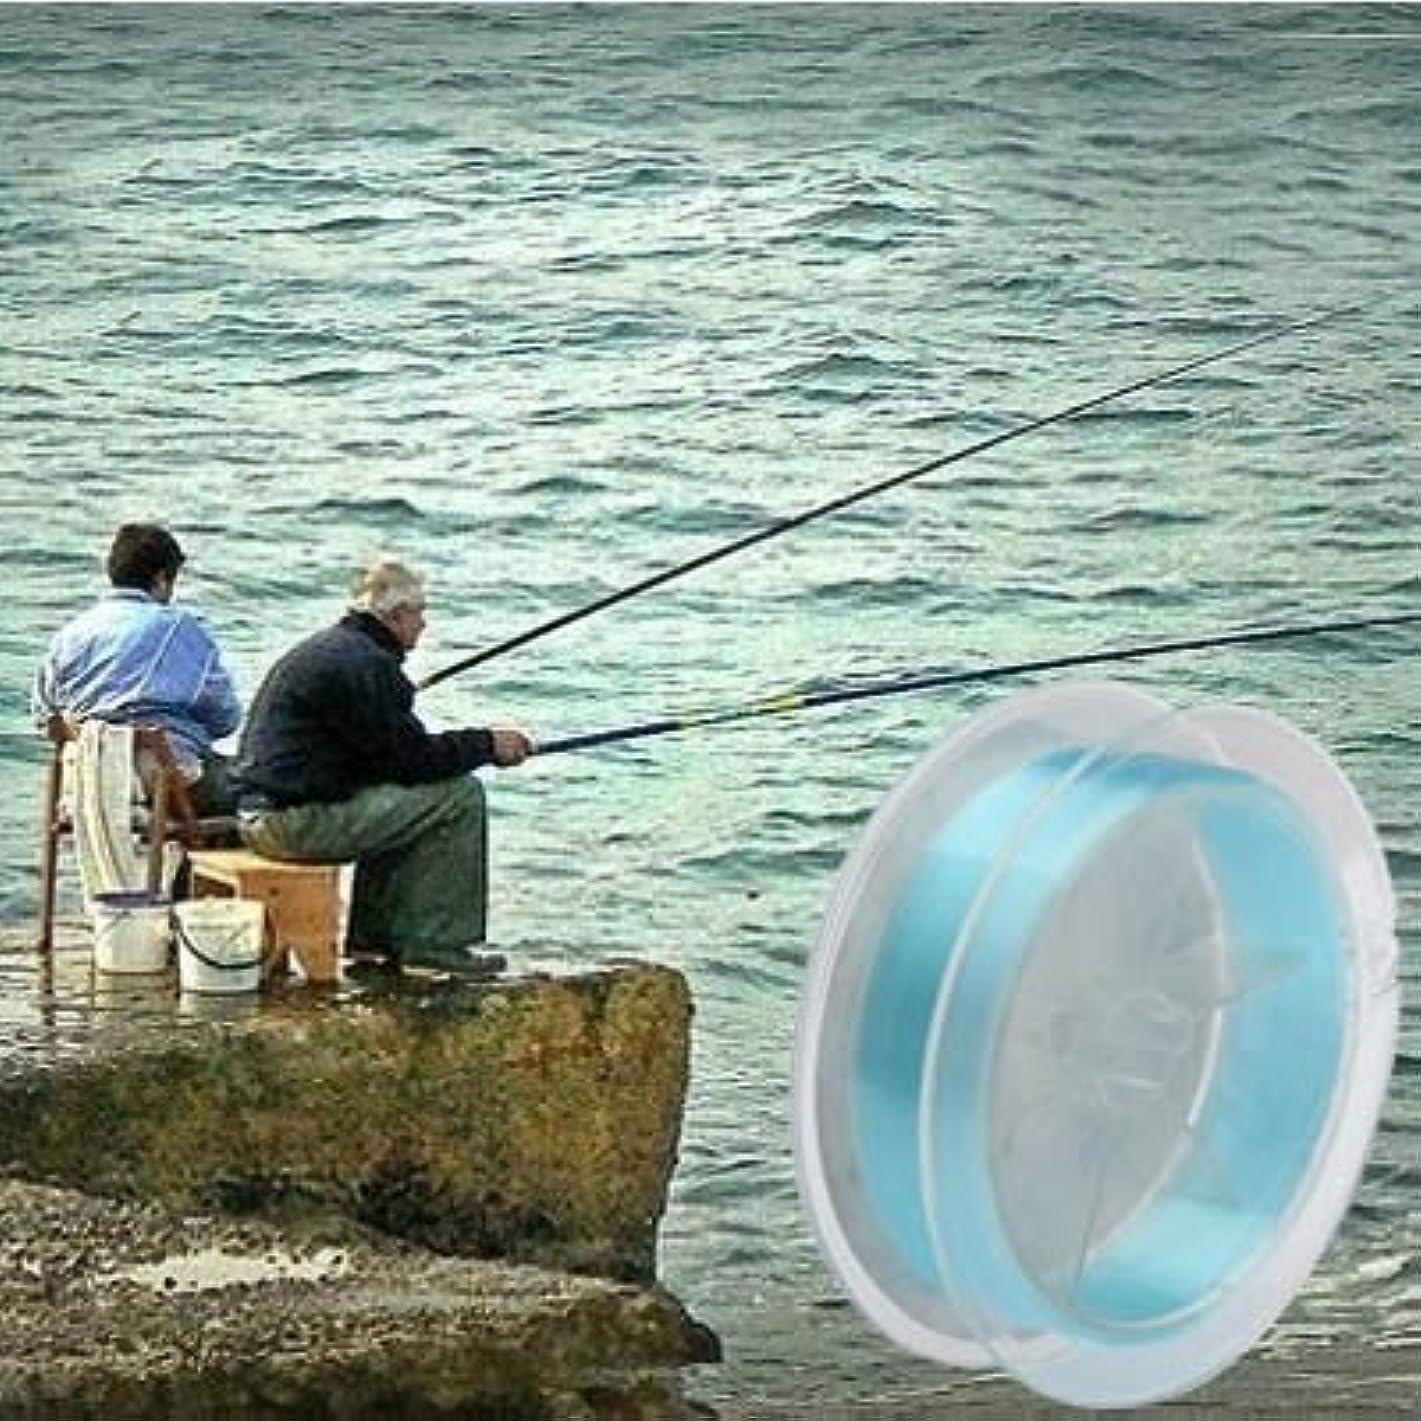 放射能嬉しいですトラフィックMXLTIANDAO 釣り糸 釣具 ナイロンライン 耐磨耗 100 m 1.5#0.20 mm 6.6 kg